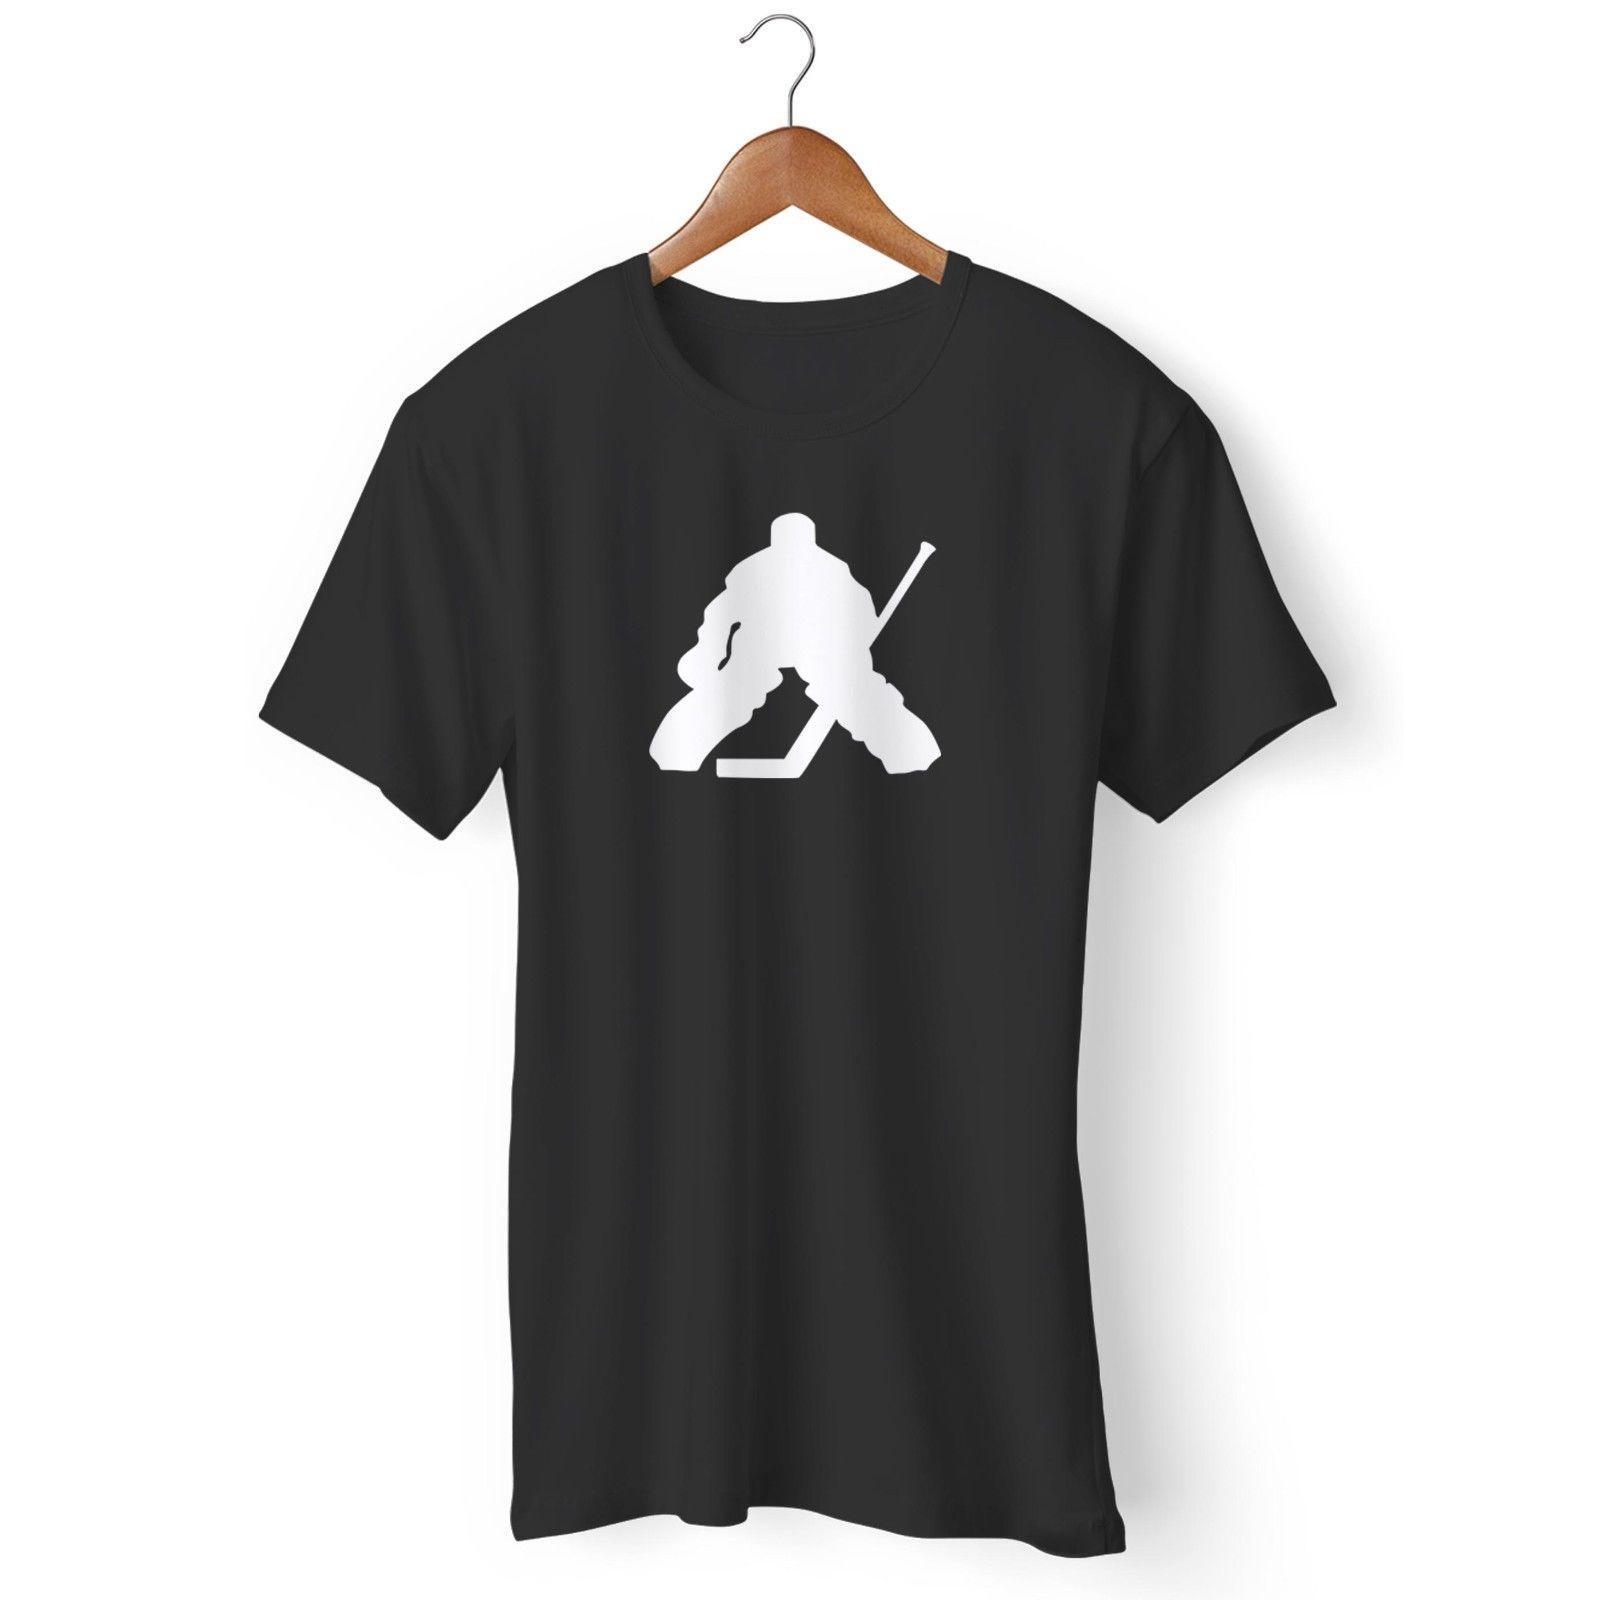 Compre Portero Hombre Camiseta Player Y Mujer Silueta Hockey qqgRHCA